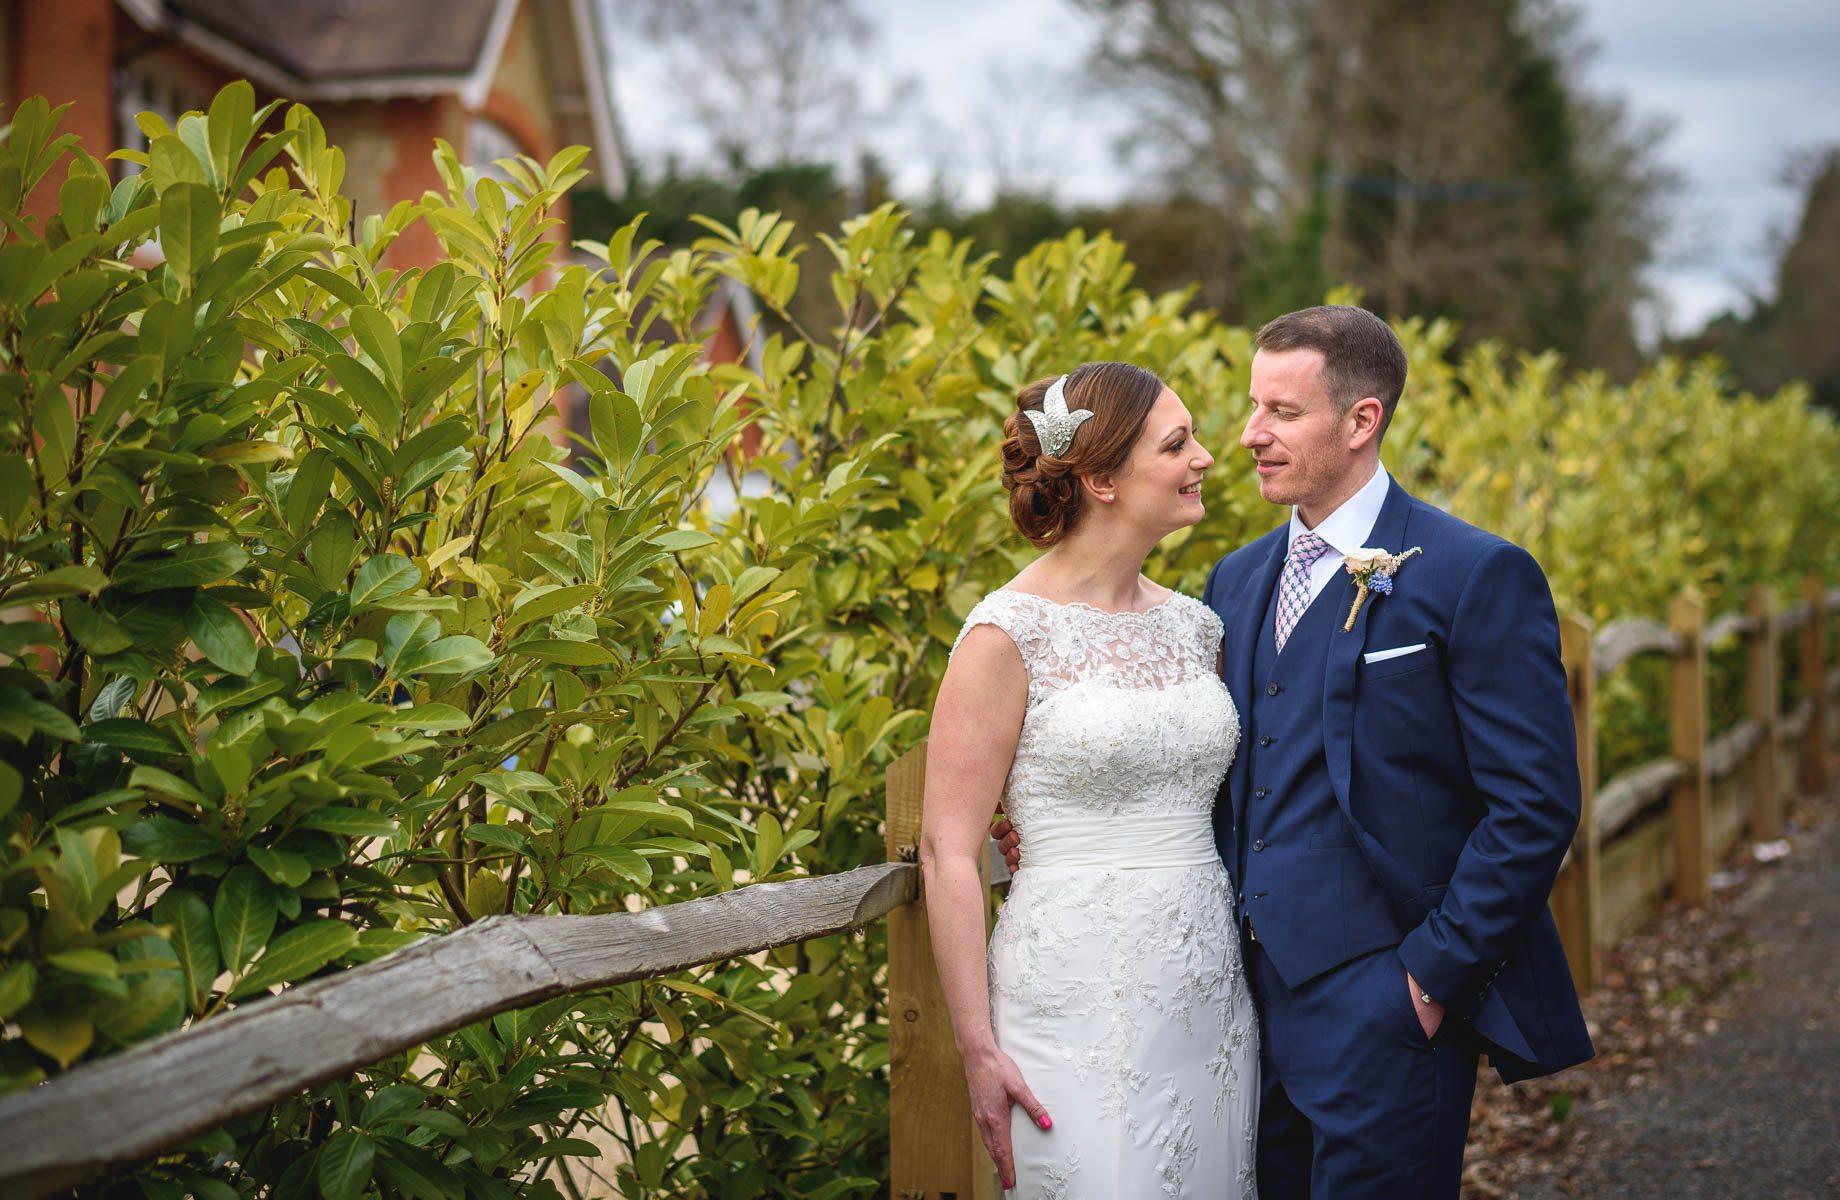 Millbridge Court Wedding Photography - Lisa and Daniel (98 of 173)